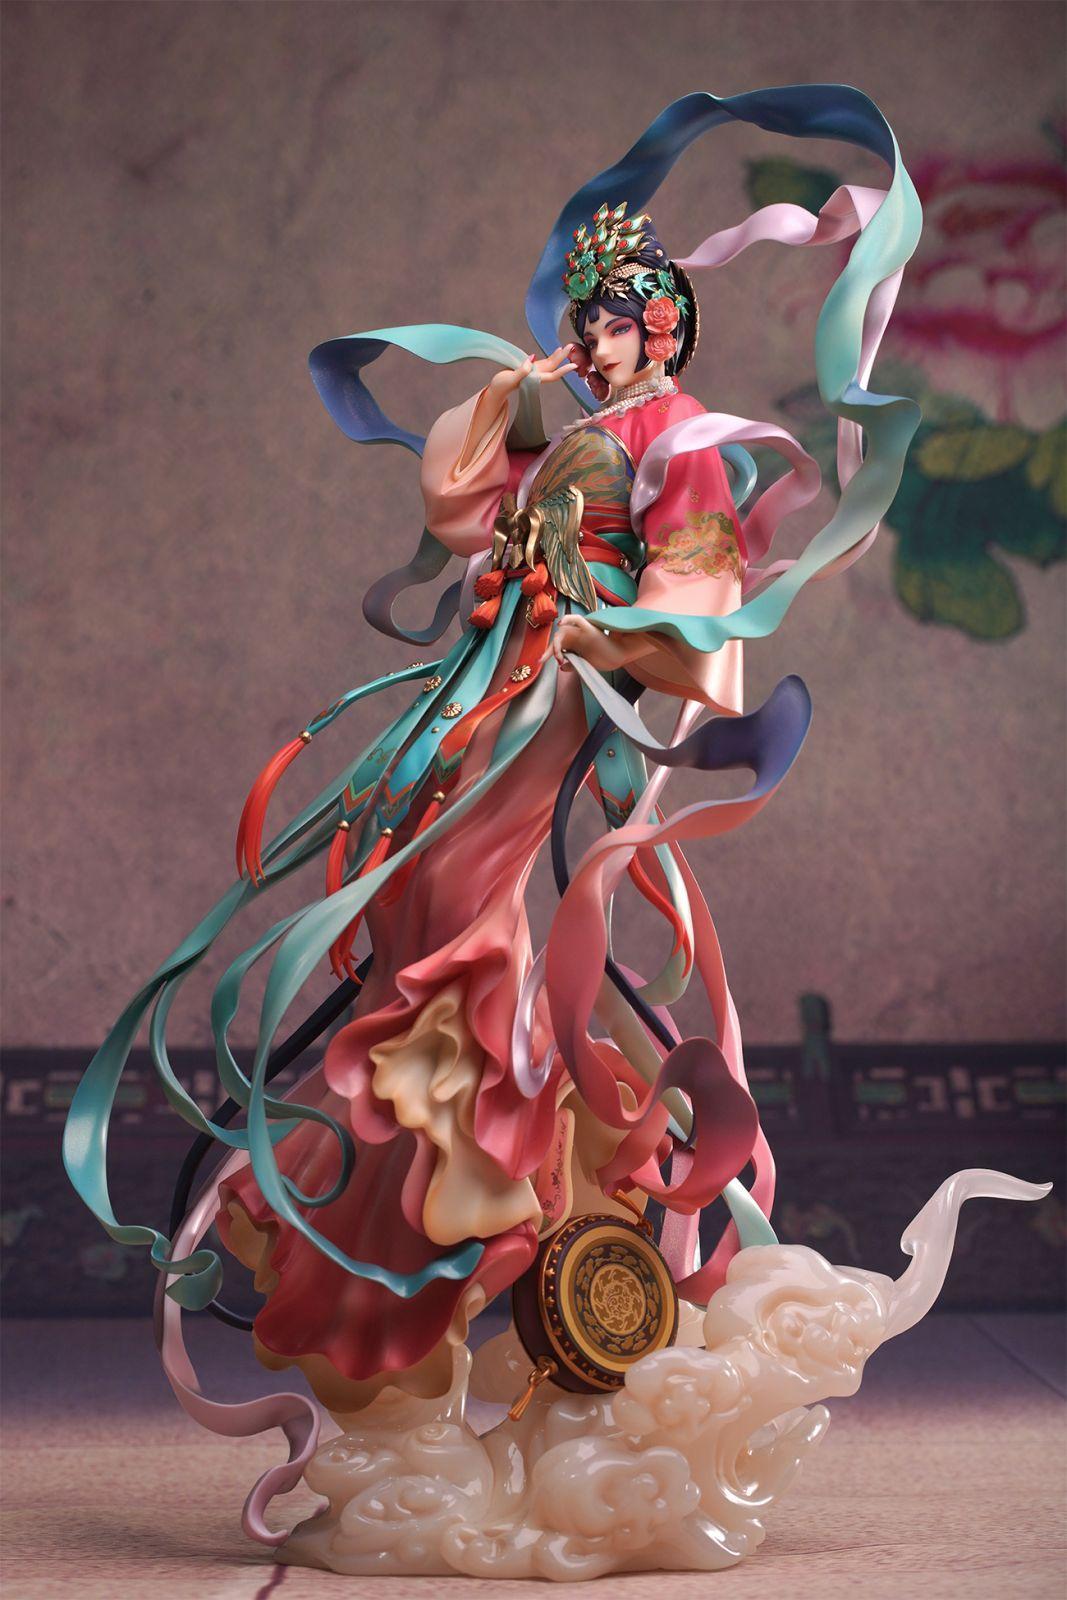 http://www.myethos.hk/upload/image/20200824/5f43250554e10.jpg